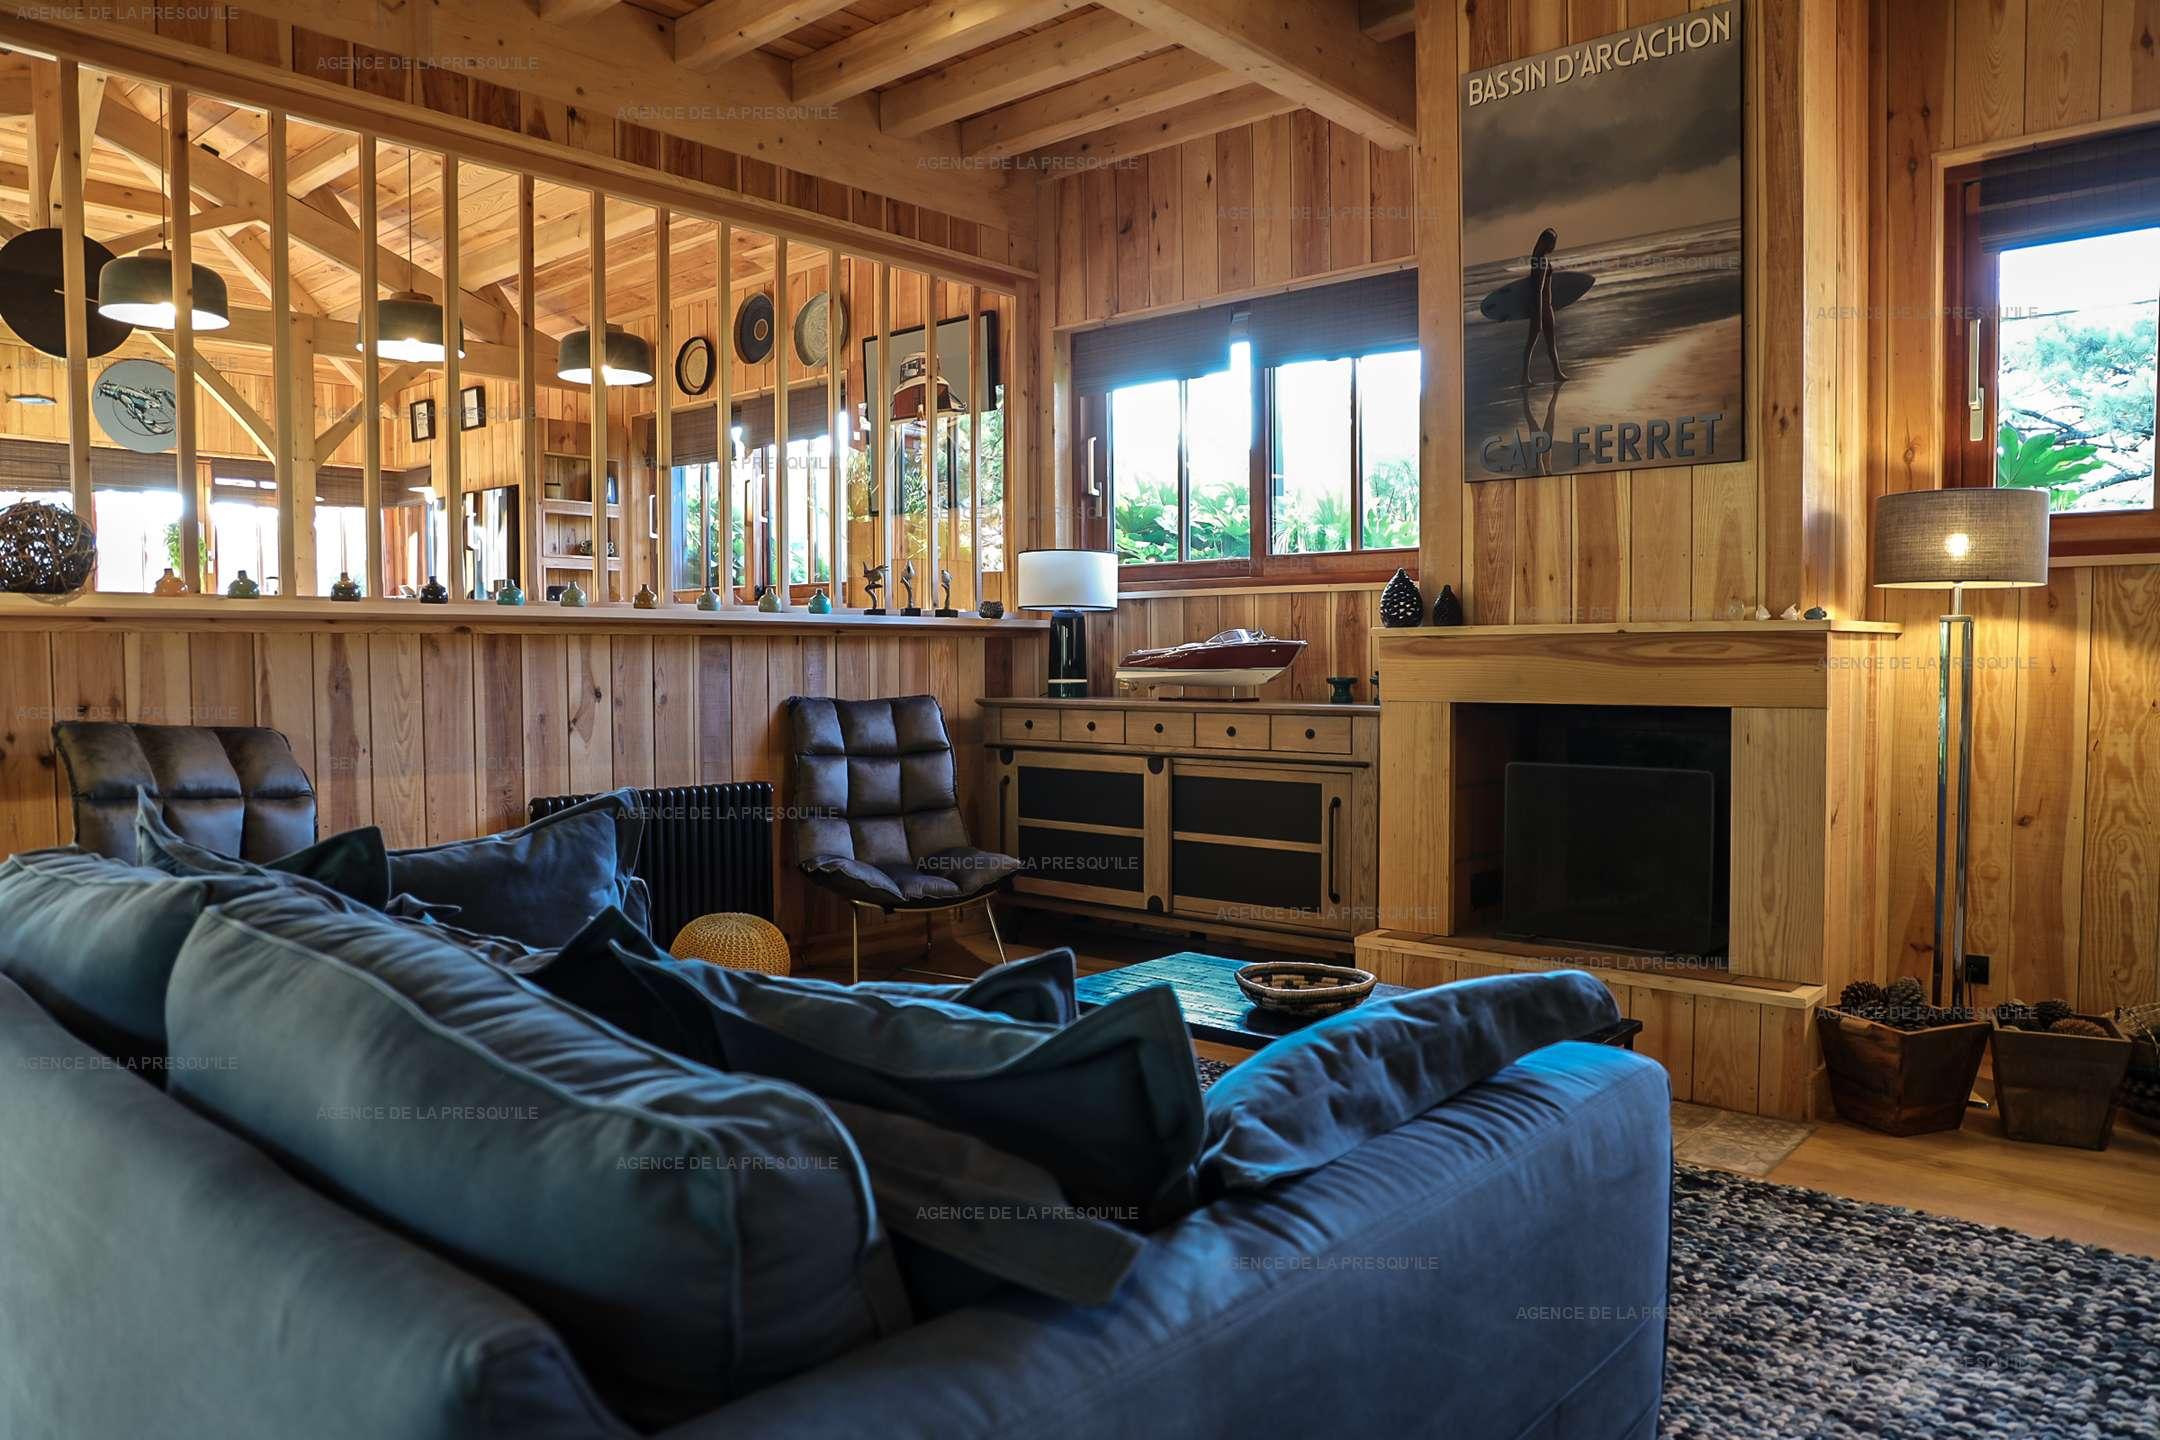 Location: Séduisante villa en bois neuve avec piscine 3